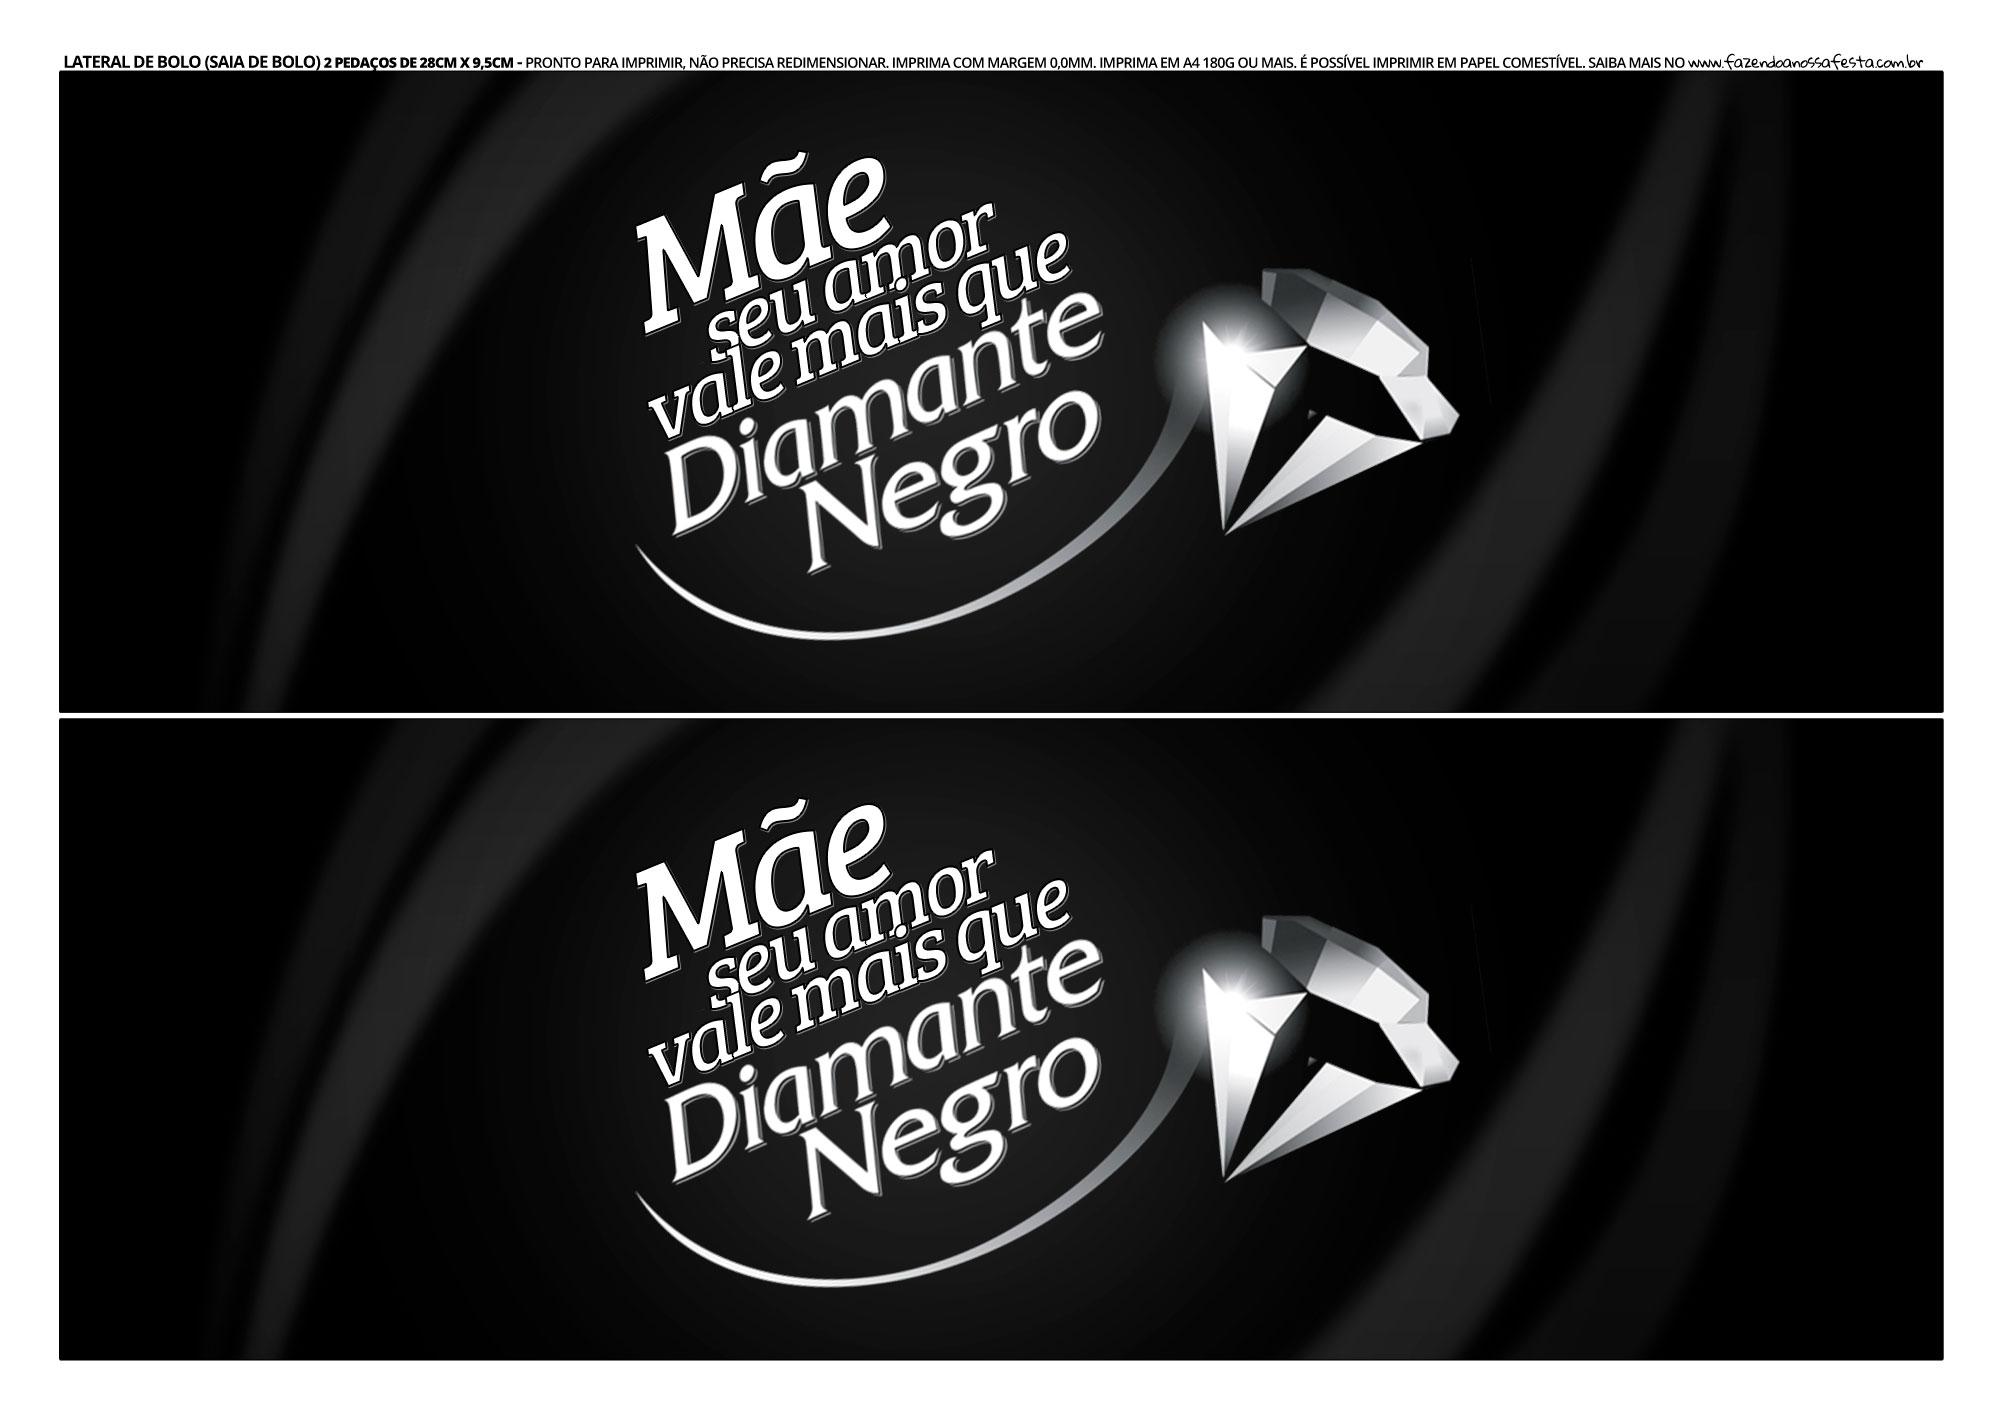 Faixa Lateral para Bolo Dia das Maes Diamante Negro